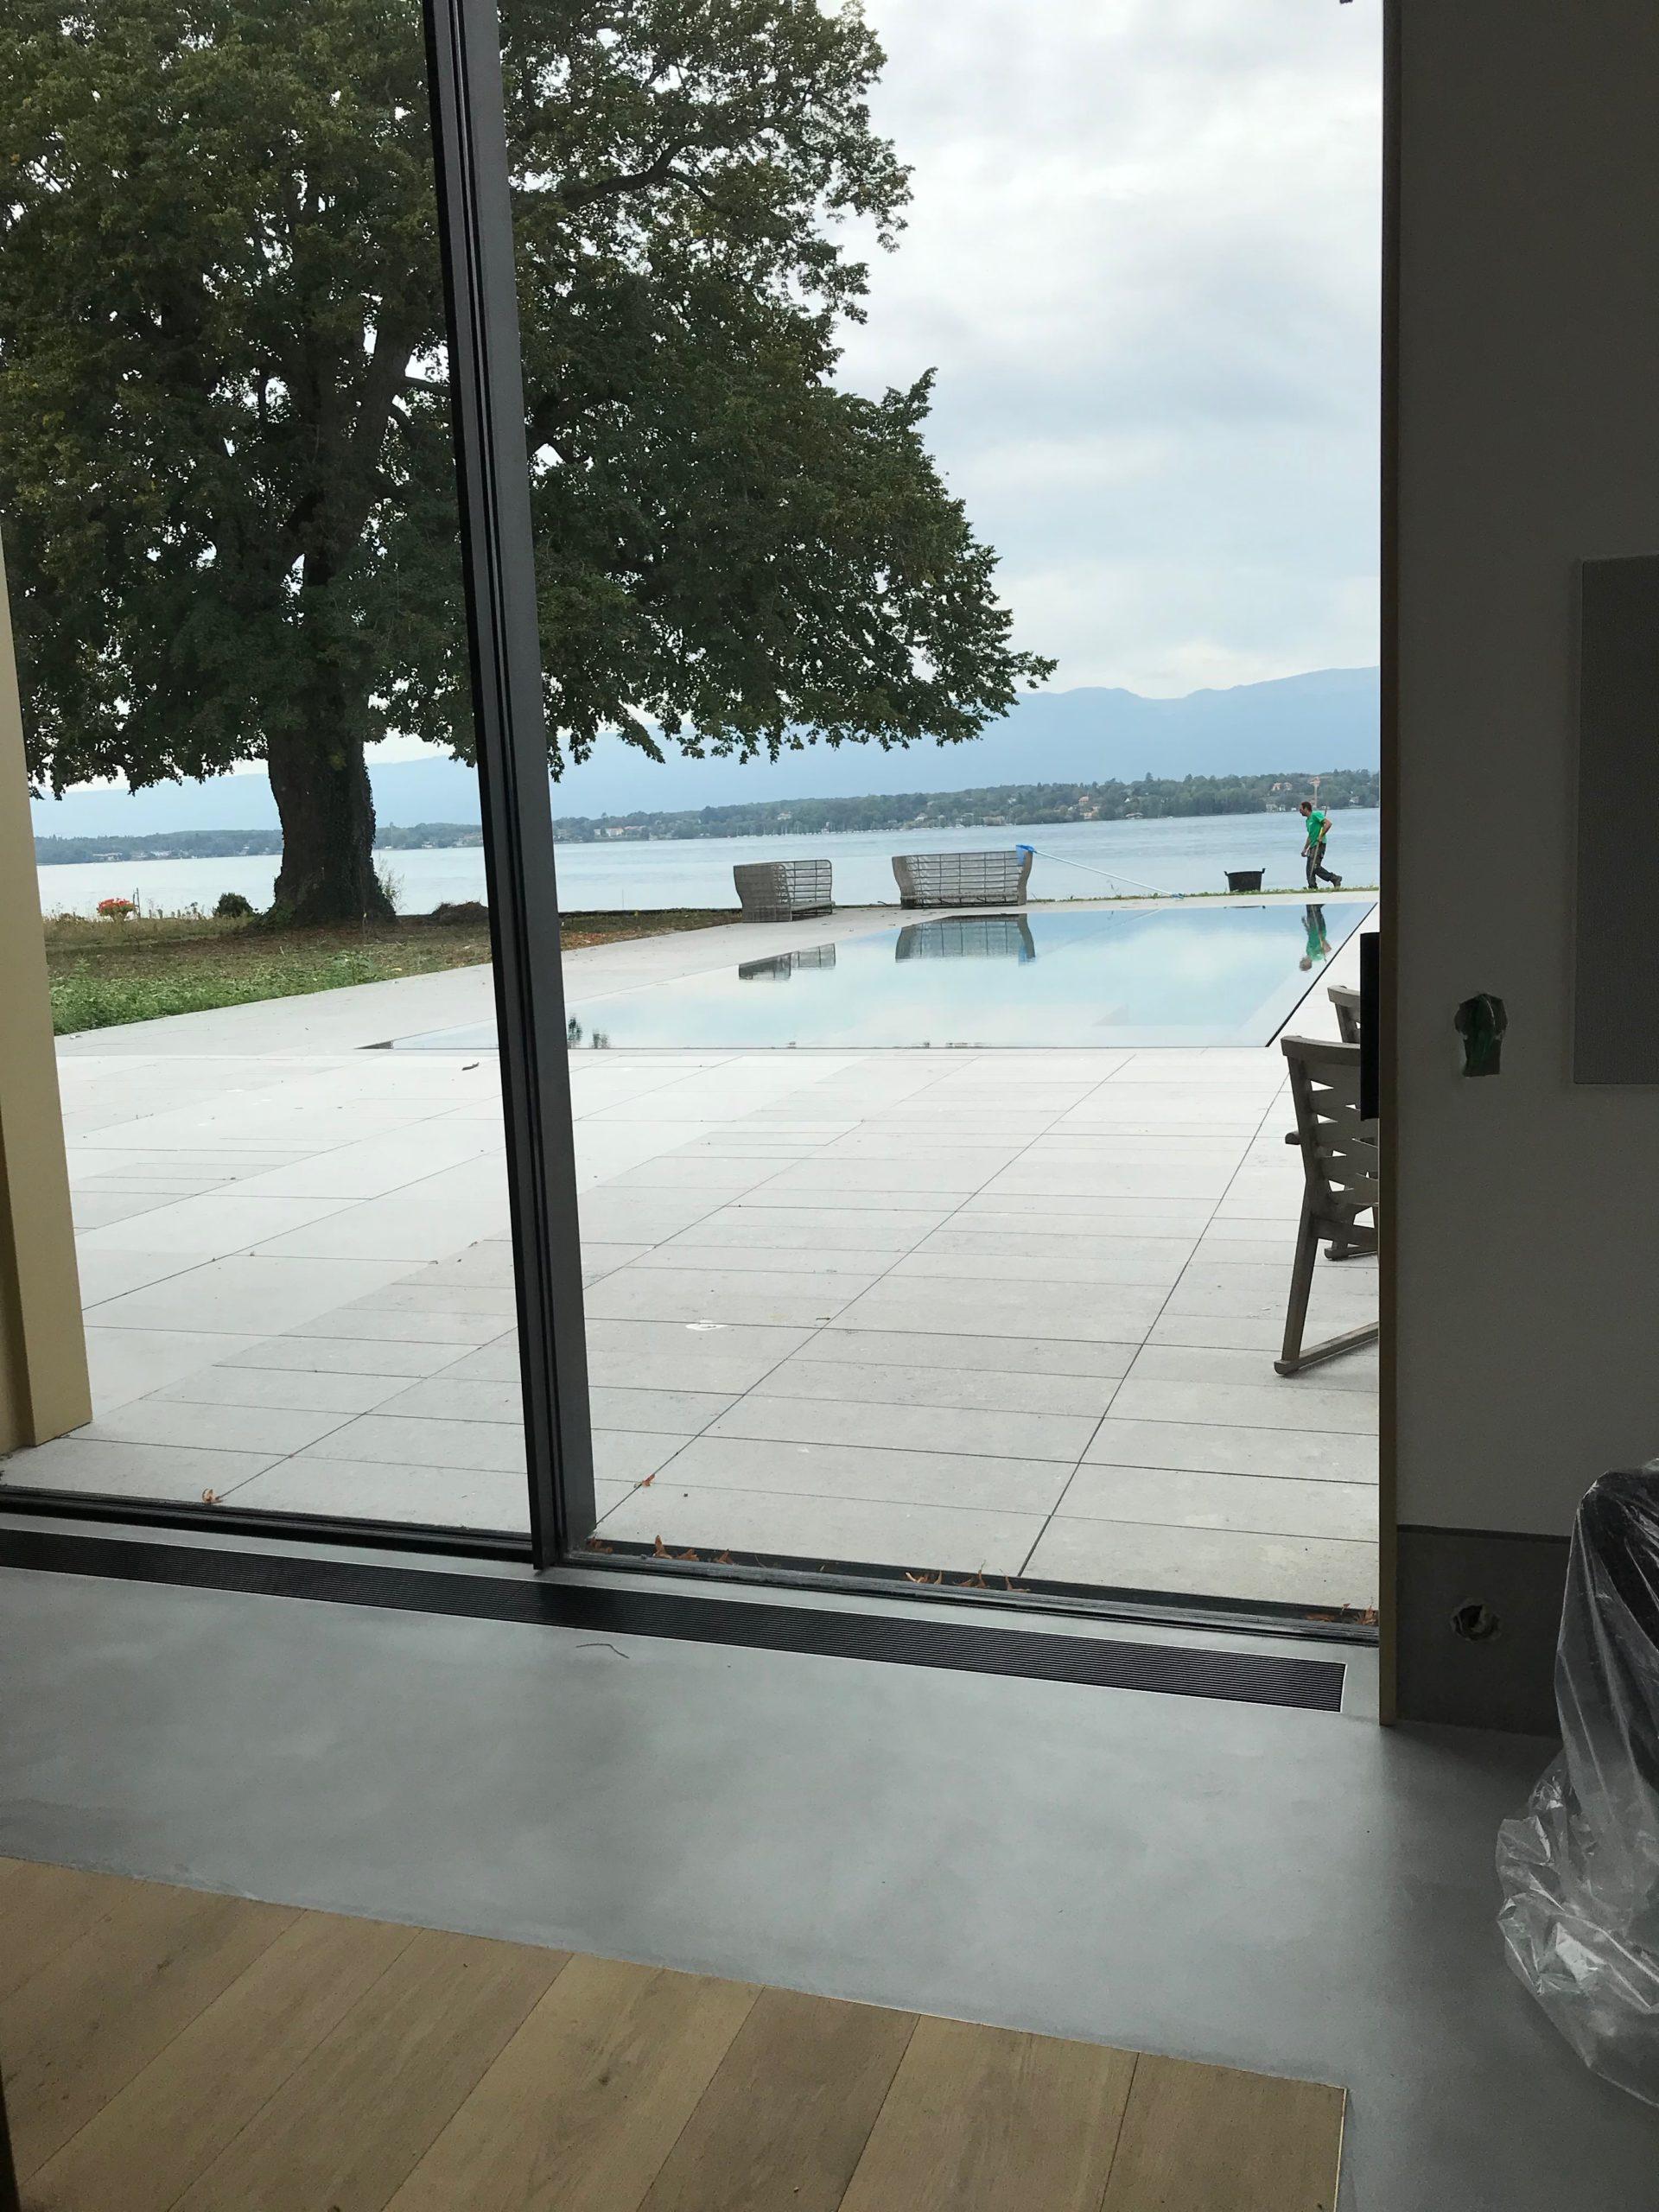 17 beton cire a geneve collonge bellerive